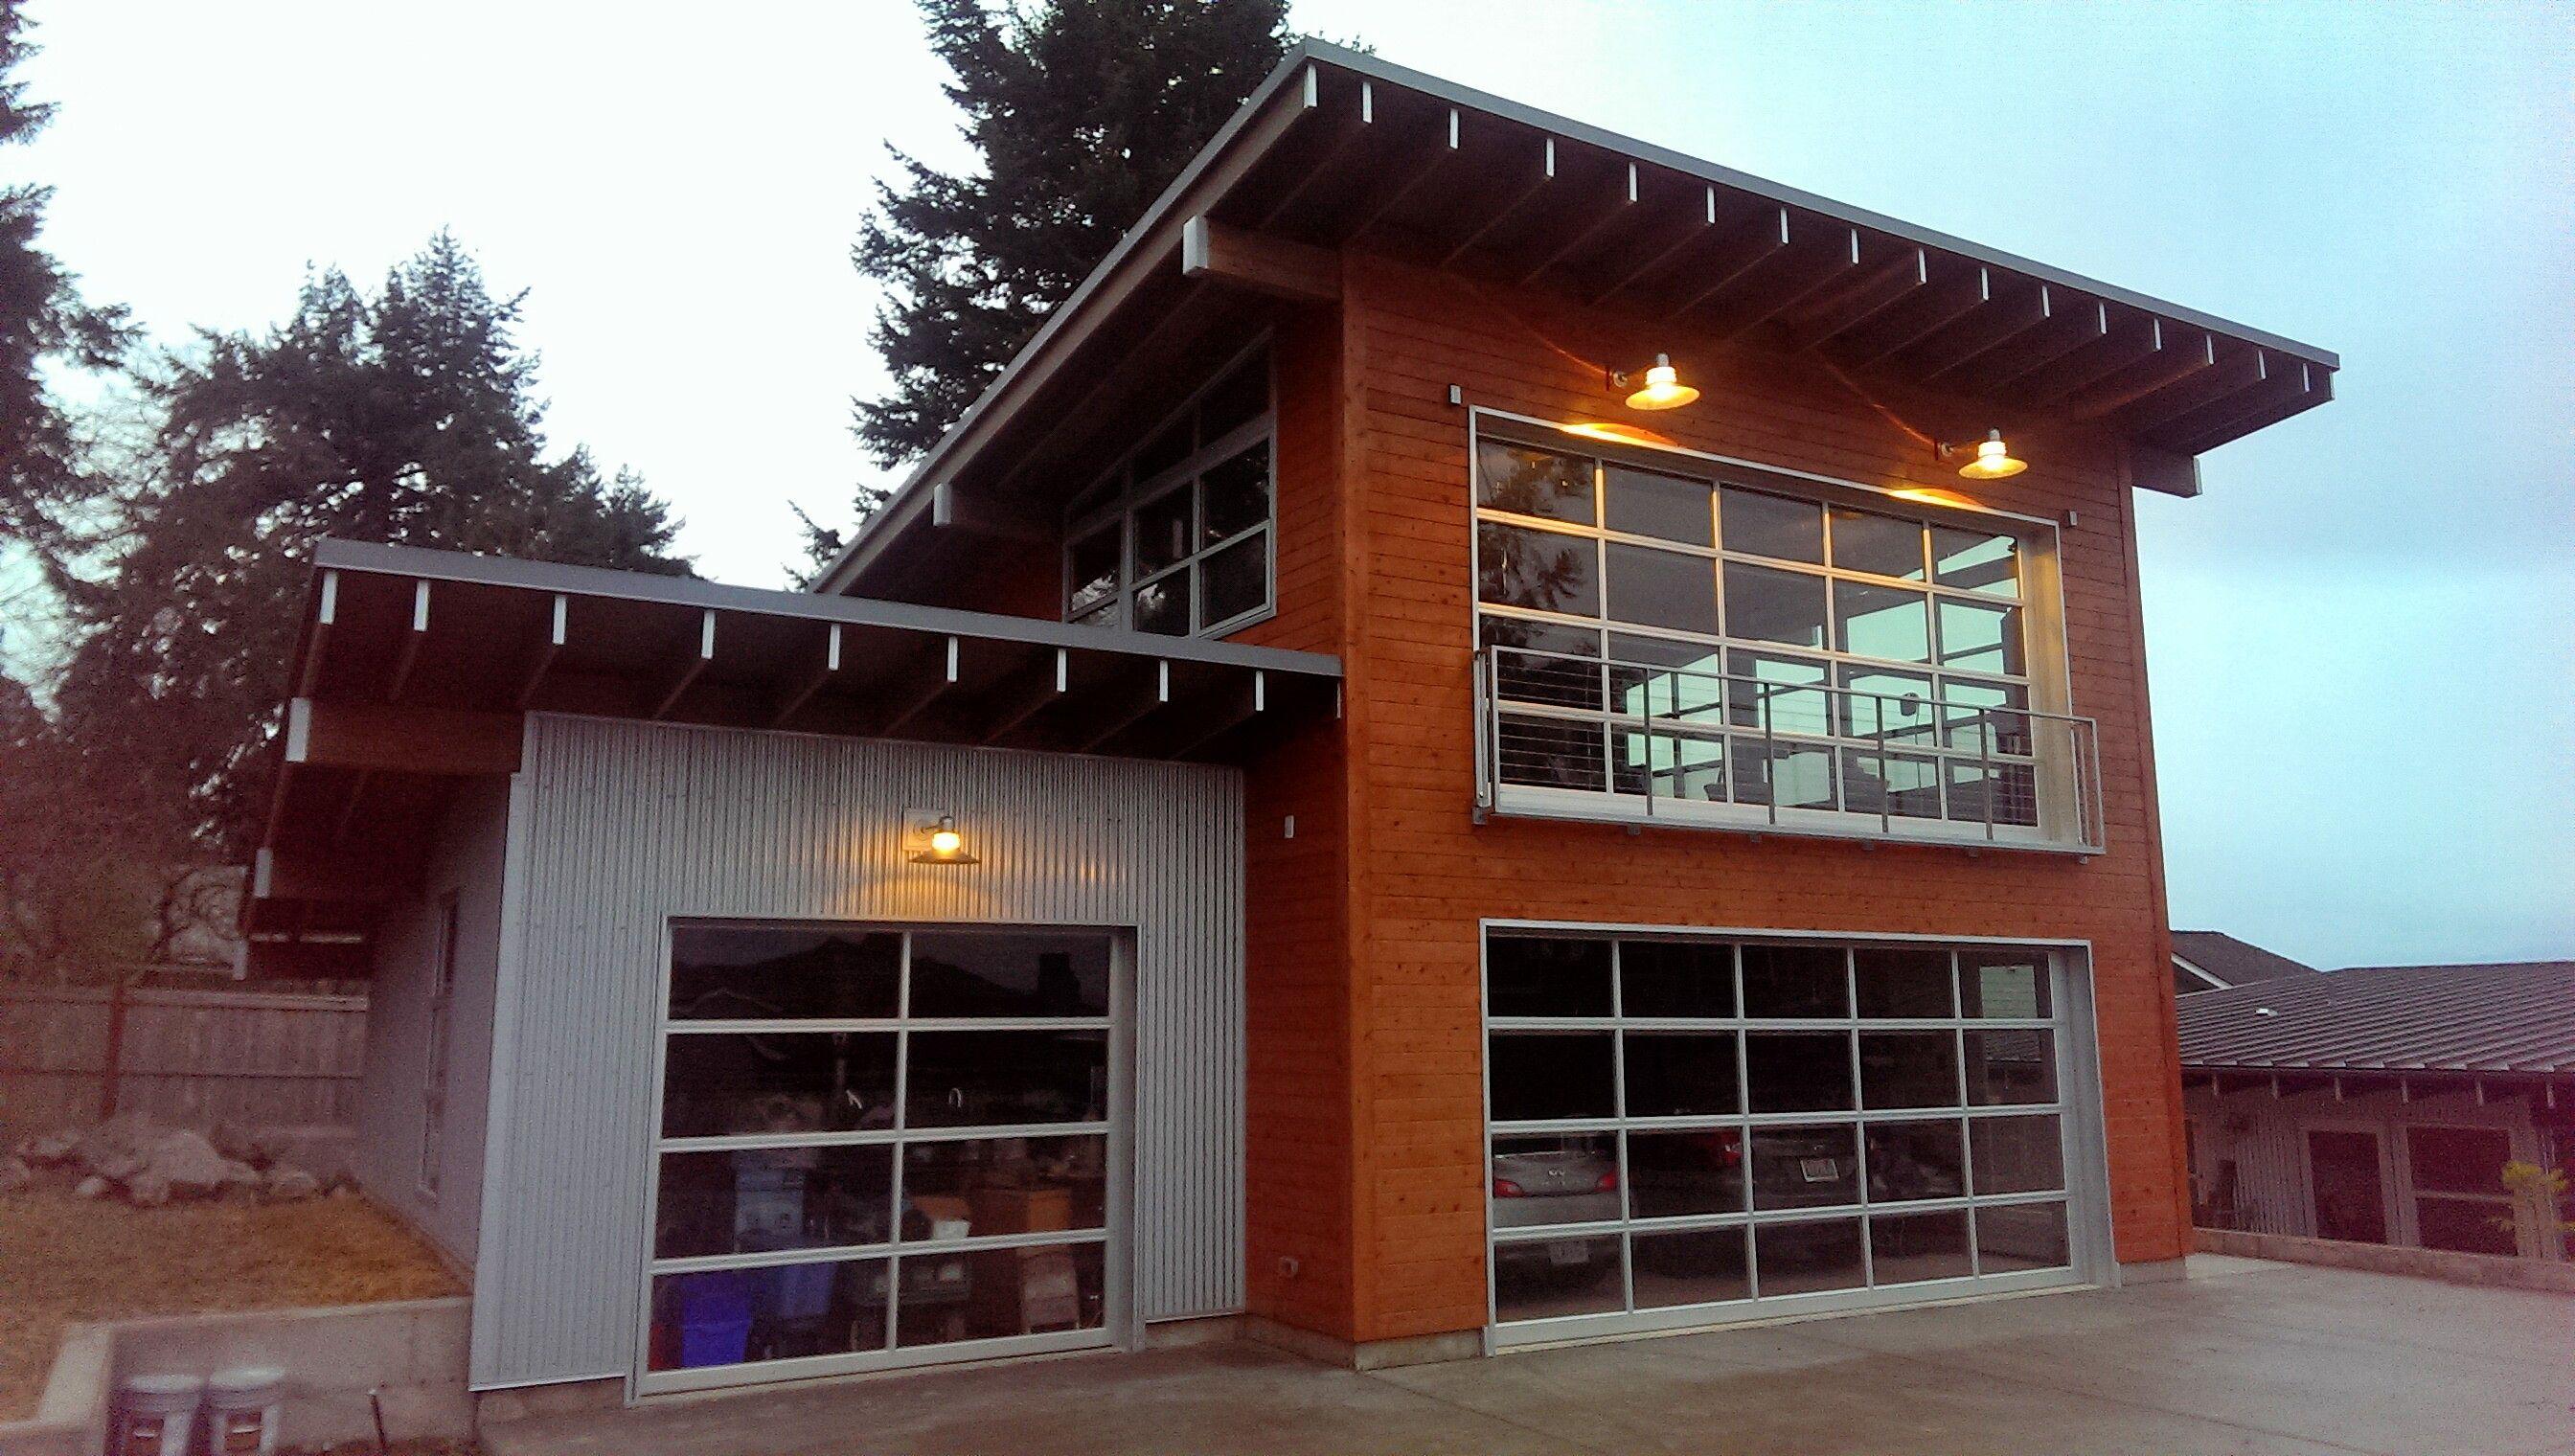 Clopay Avante Doors Installed By Kitsap Garage Door In Bremerton,  WA.#Kitsapgaragedoor